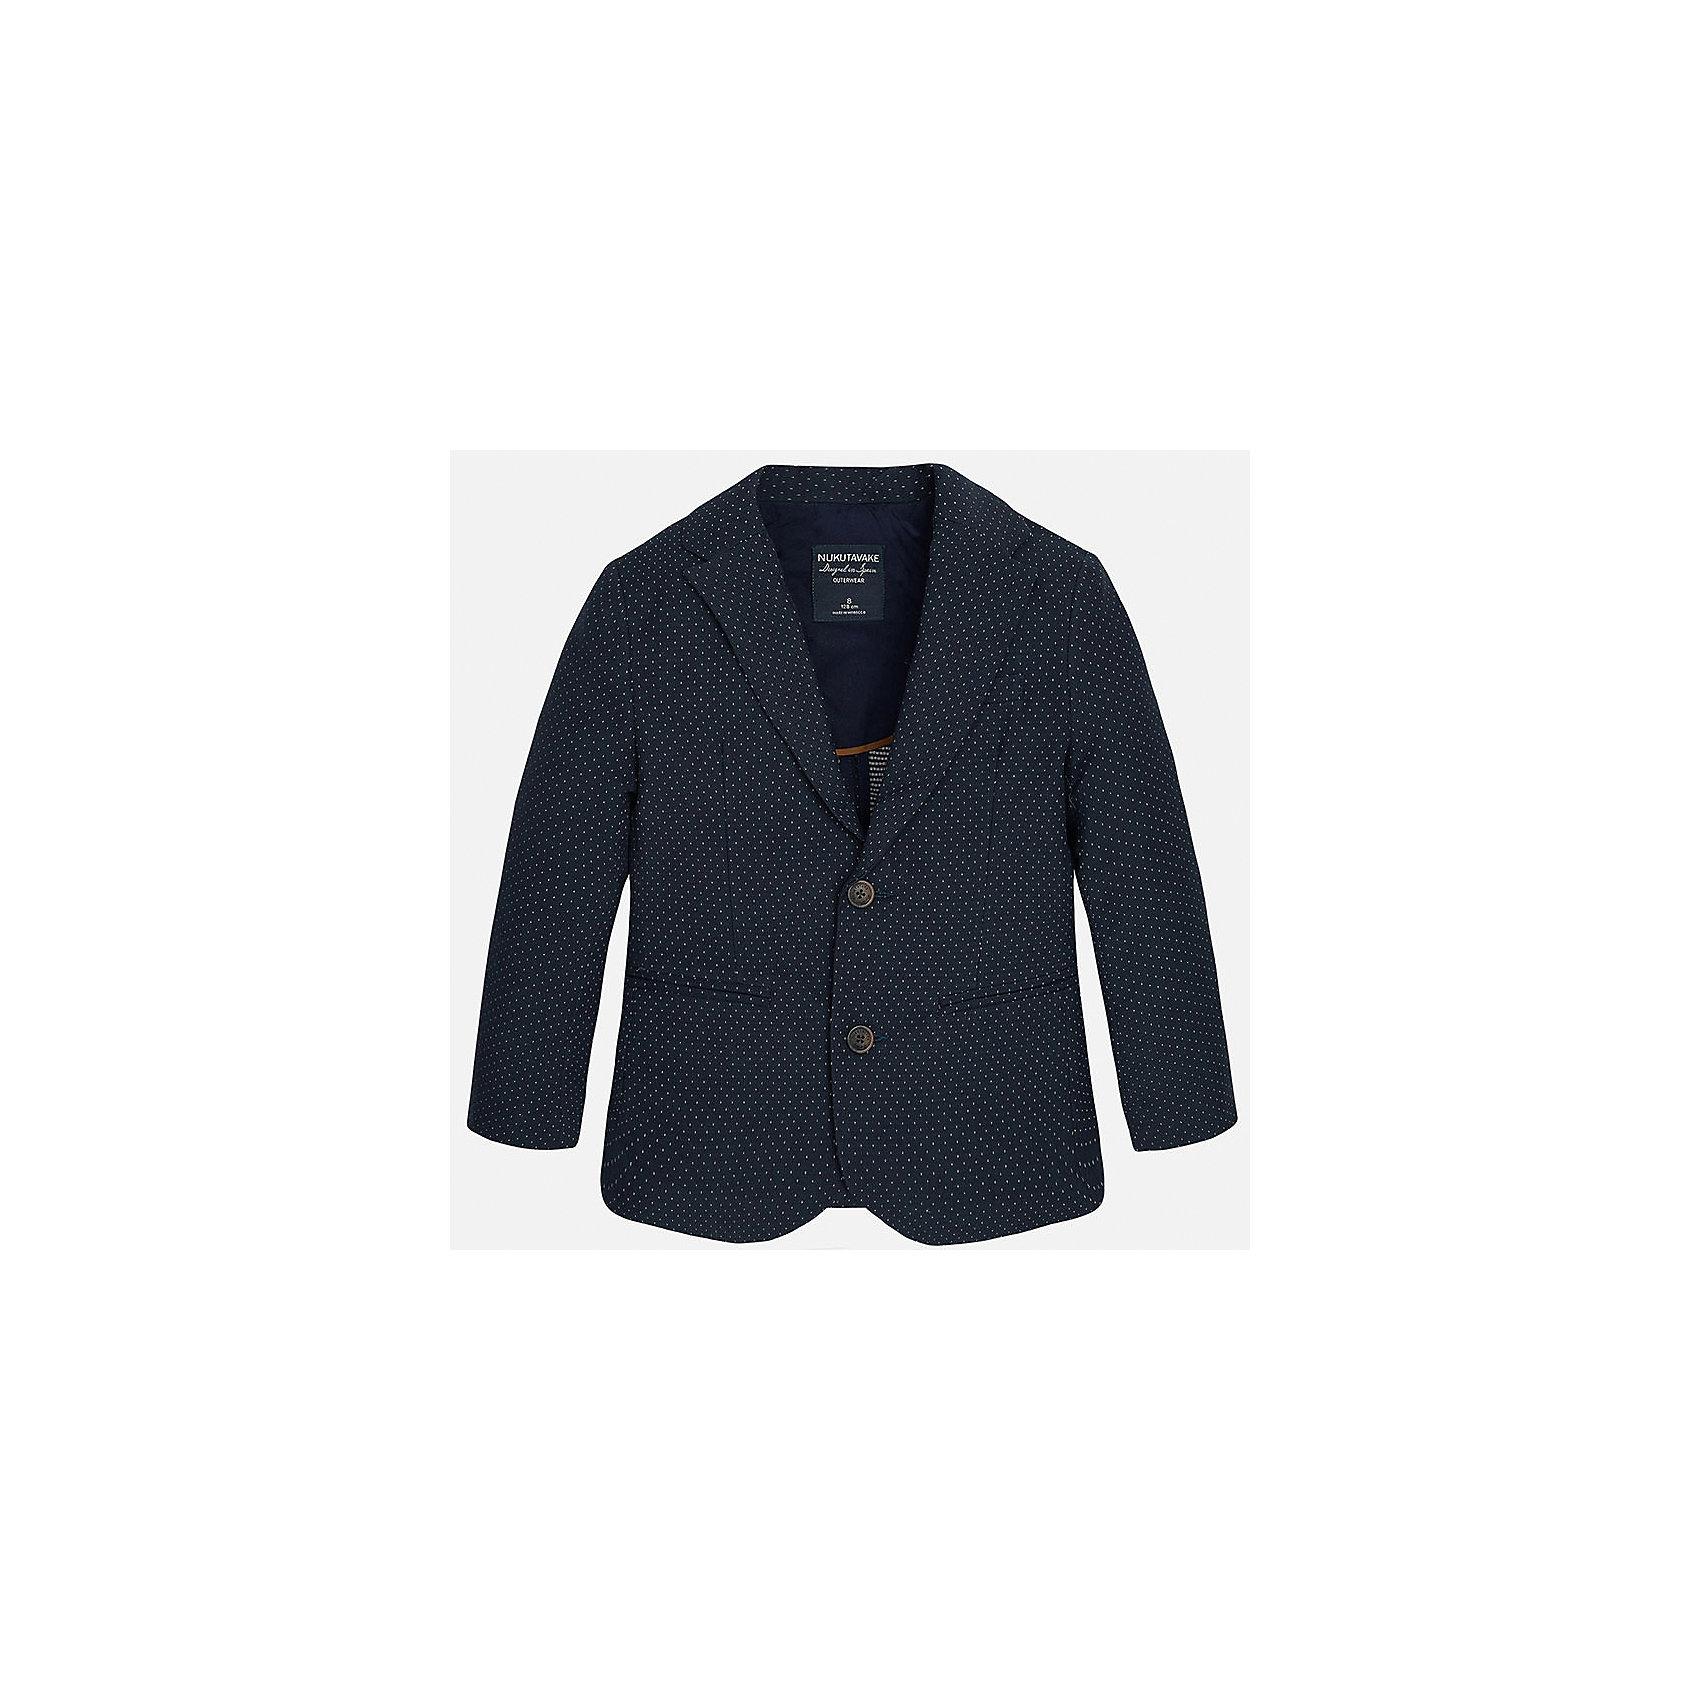 Пиджак для мальчика MayoralПиджаки и костюмы<br>Характеристики товара:<br><br>• цвет: синий<br>• состав: 87% хлопок, 10% полиэстер, 3% эластан<br>• в мелкий горох<br>• рукава длинные <br>• карманы<br>• пуговицы <br>• отложной воротник<br>• страна бренда: Испания<br><br>Удобный и красивый пиджак для мальчика поможет разнообразить гардероб ребенка и дополнить наряд. Он отлично сочетается с брюками классического кроя. Универсальный цвет позволяет подобрать к вещи низ различных расцветок. Модное и элегантное изделие. В составе материала - натуральный хлопок, гипоаллергенный, приятный на ощупь, дышащий.<br><br>Одежда, обувь и аксессуары от испанского бренда Mayoral полюбились детям и взрослым по всему миру. Модели этой марки - стильные и удобные. Для их производства используются только безопасные, качественные материалы и фурнитура. Порадуйте ребенка модными и красивыми вещами от Mayoral! <br><br>Пиджак для мальчика от испанского бренда Mayoral (Майорал) можно купить в нашем интернет-магазине.<br><br>Ширина мм: 174<br>Глубина мм: 10<br>Высота мм: 169<br>Вес г: 157<br>Цвет: синий<br>Возраст от месяцев: 84<br>Возраст до месяцев: 96<br>Пол: Мужской<br>Возраст: Детский<br>Размер: 128/134,170,164,158,152,140<br>SKU: 5281888